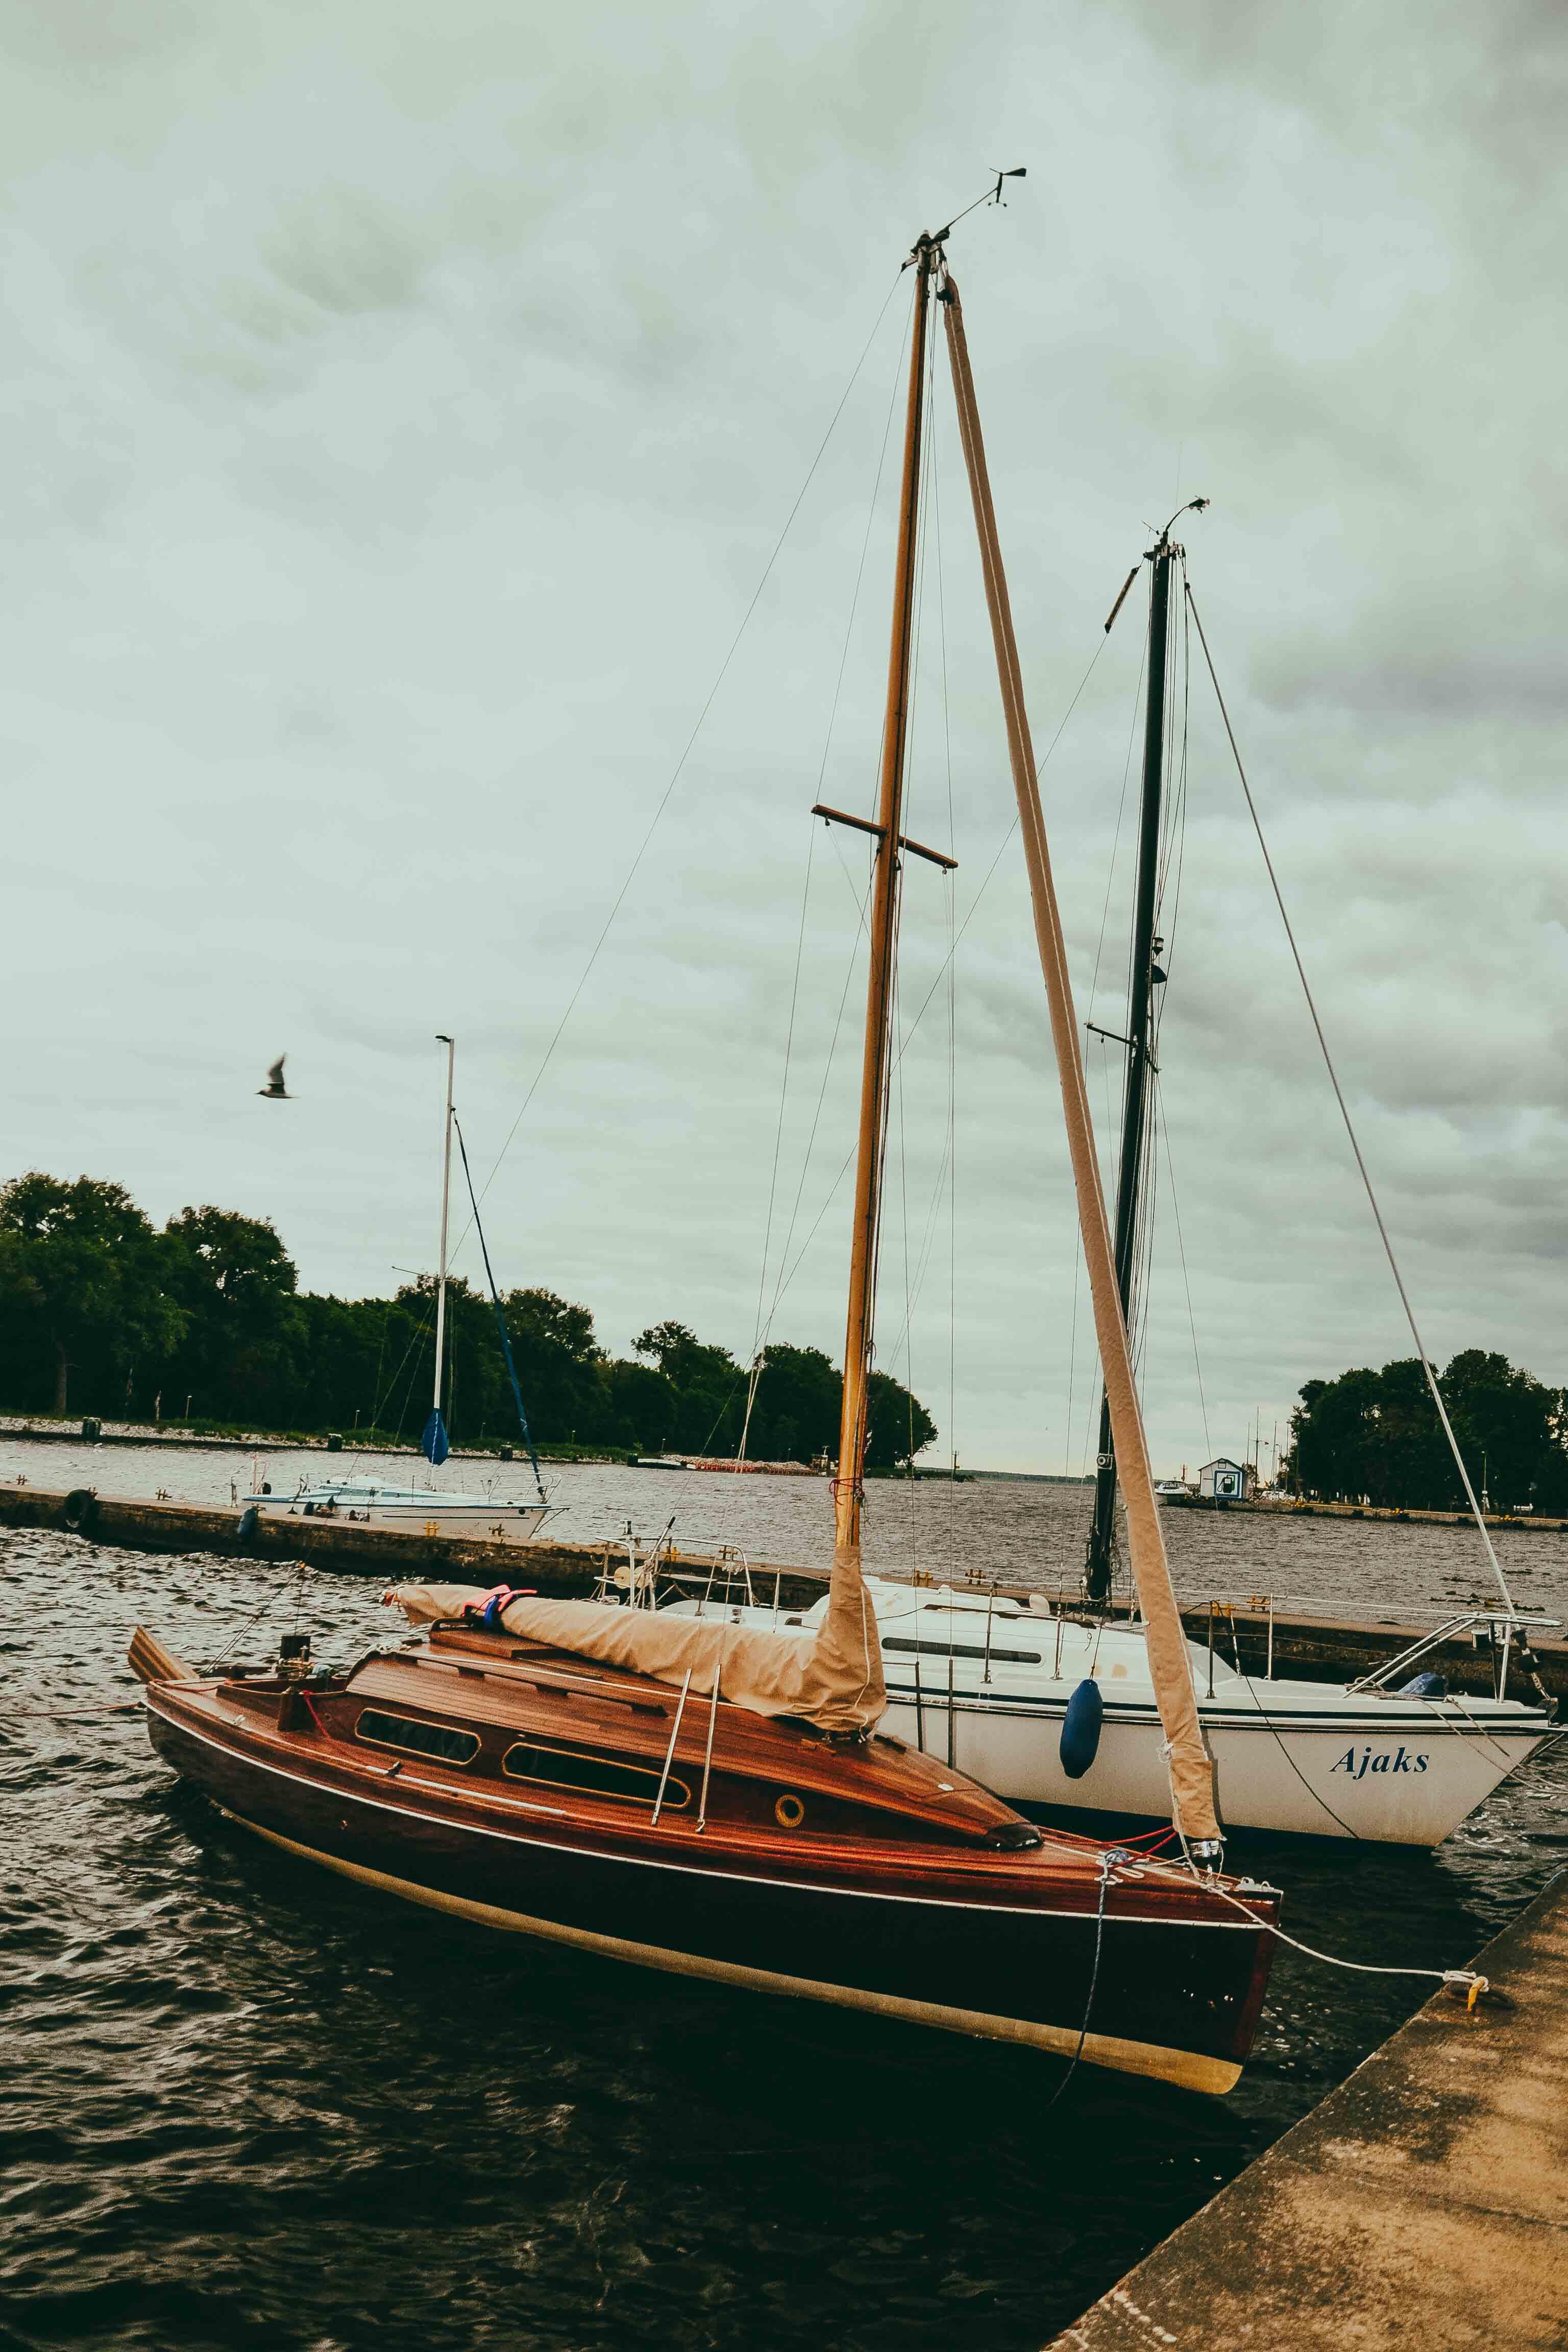 trzebież-port-marina-okonasznurku-fotografia (40)